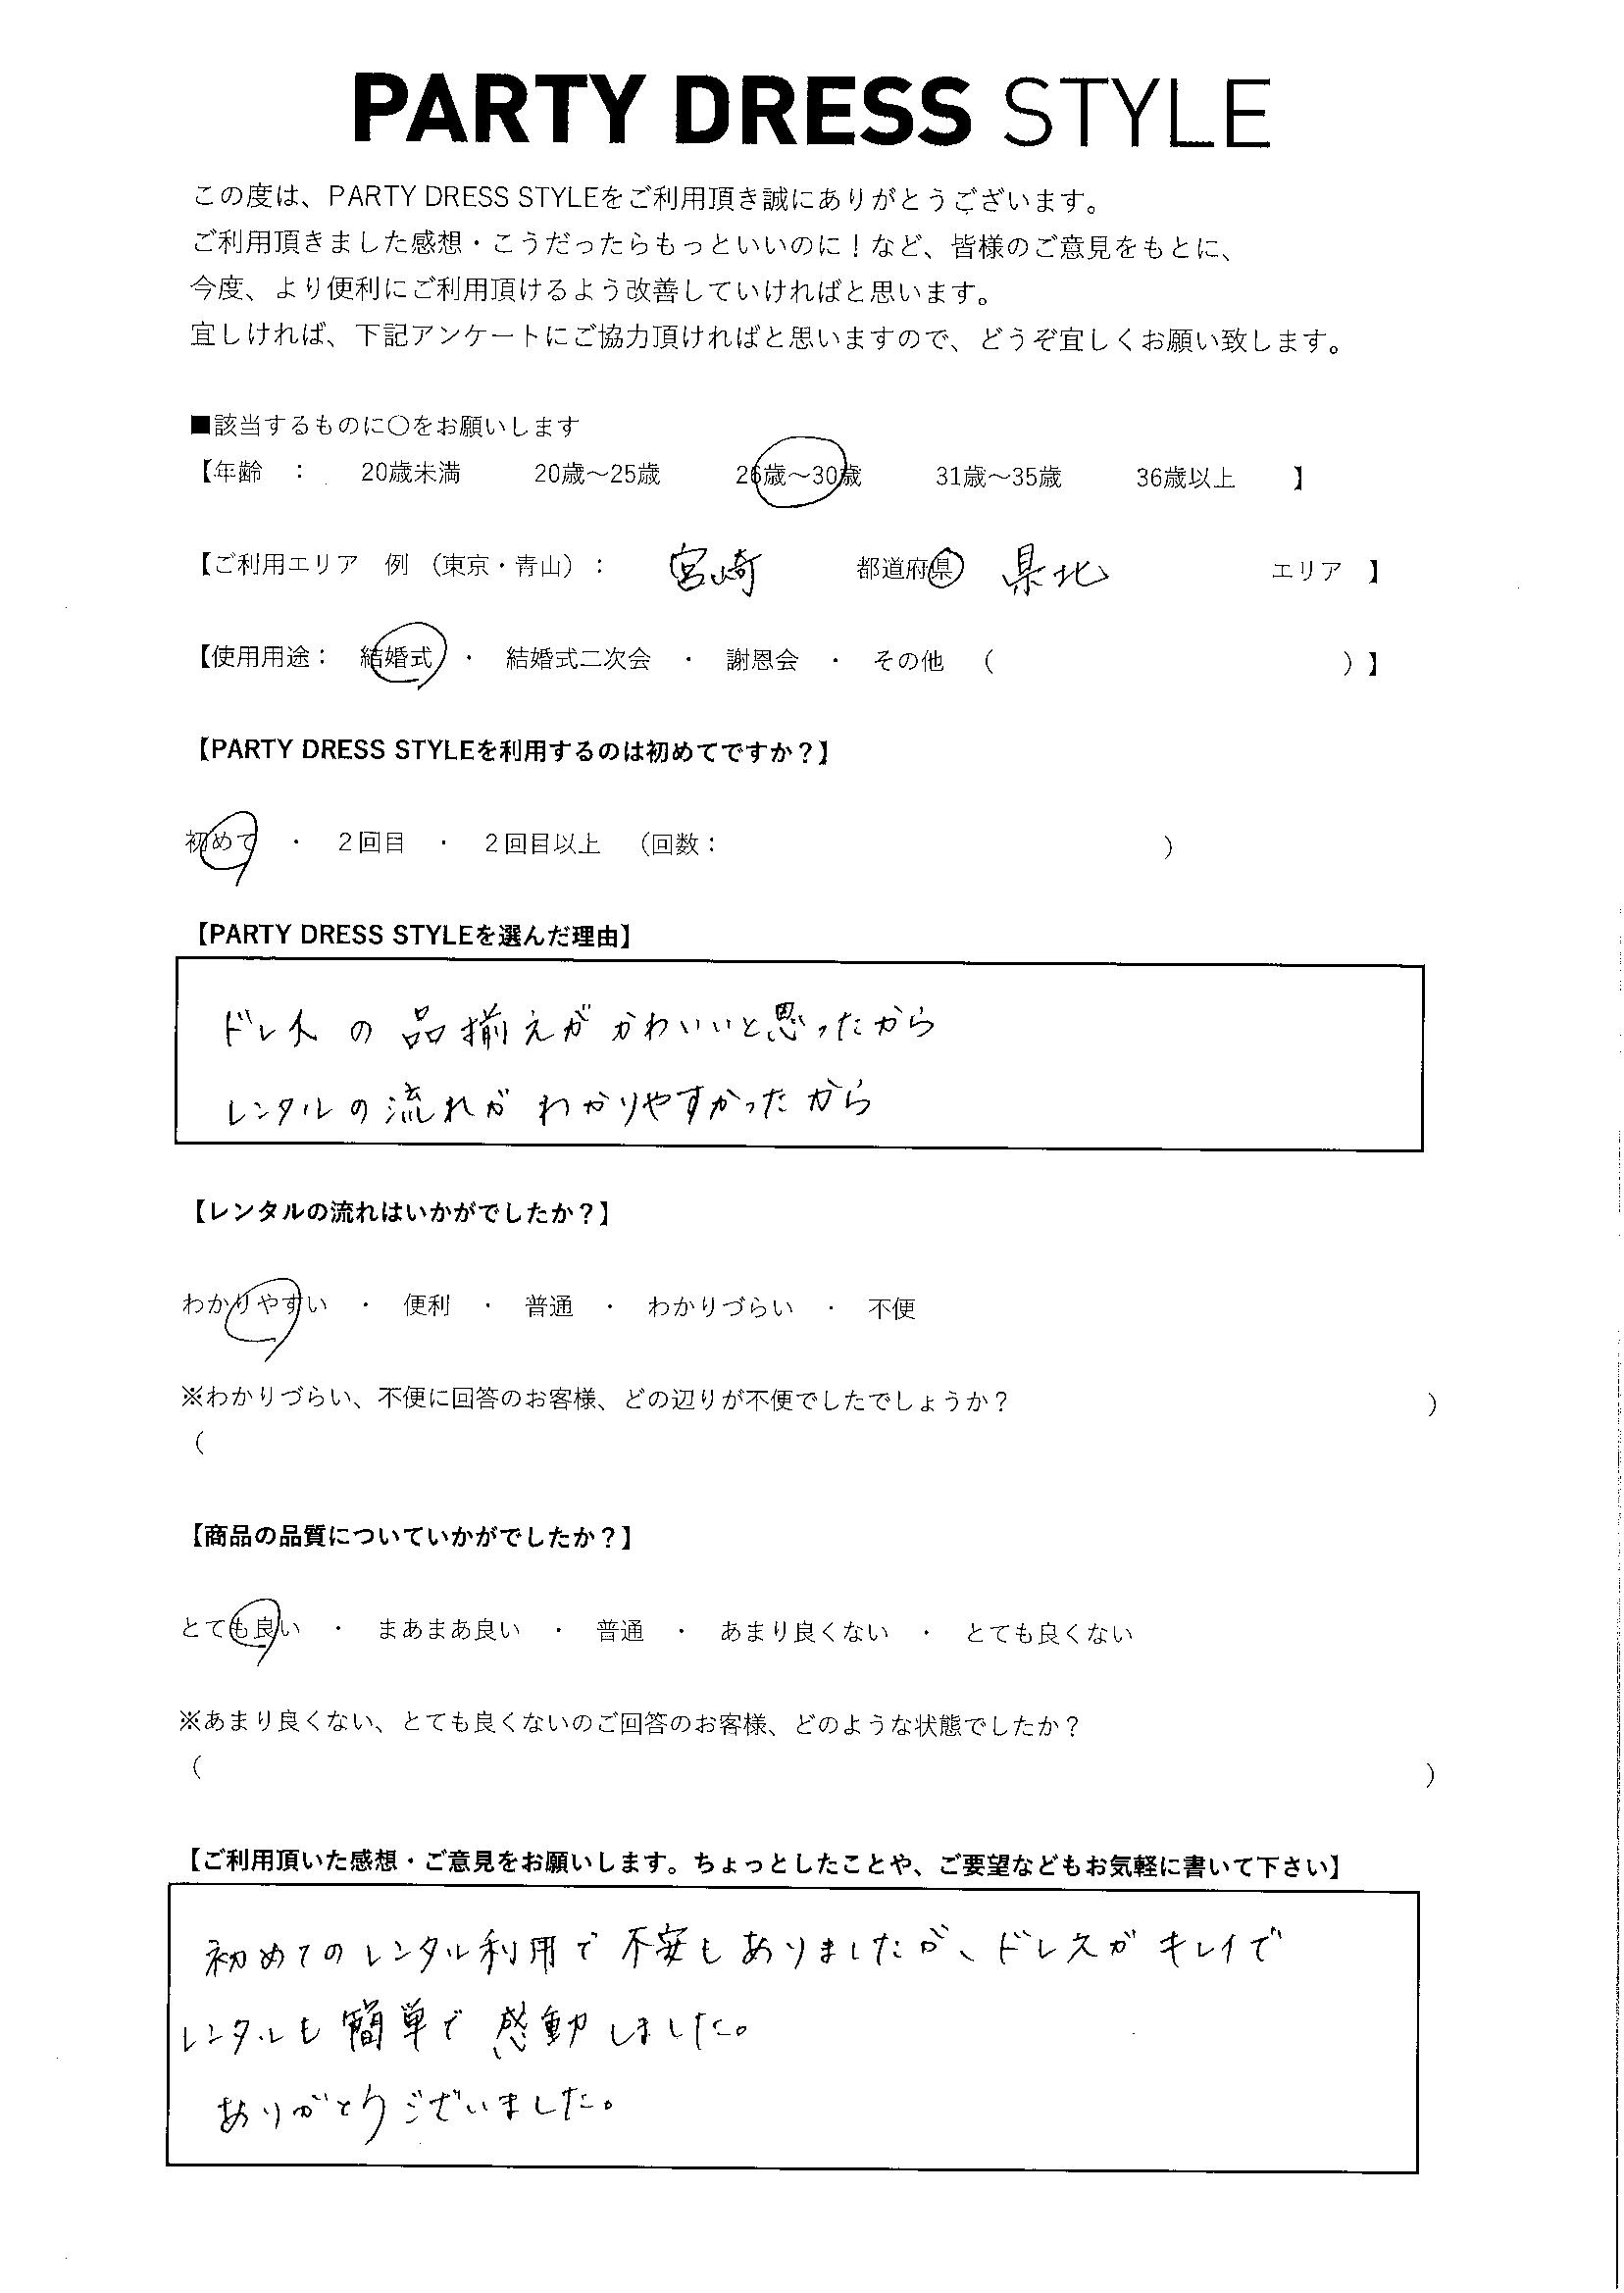 4/29結婚式ご利用 宮崎・県北エリア